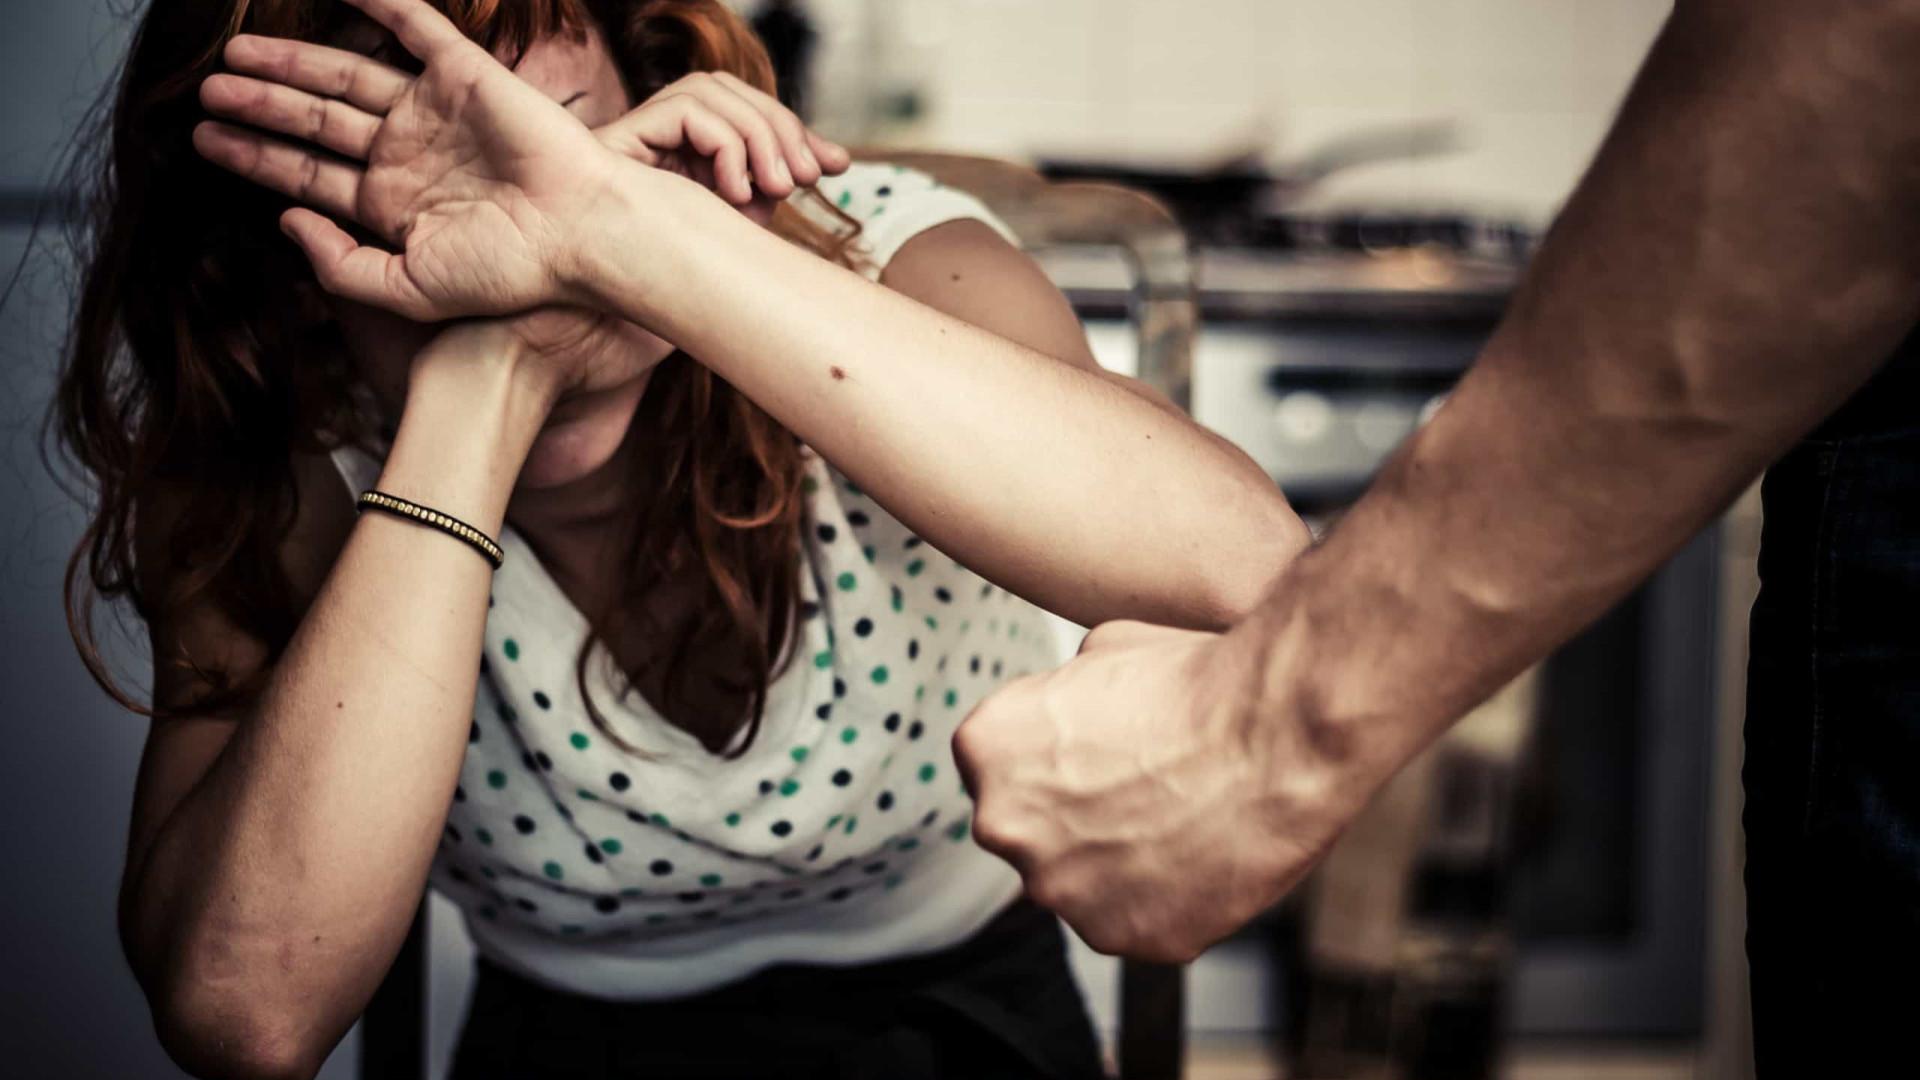 Questões de gênero interferem em processos de feminicídio, revela estudo